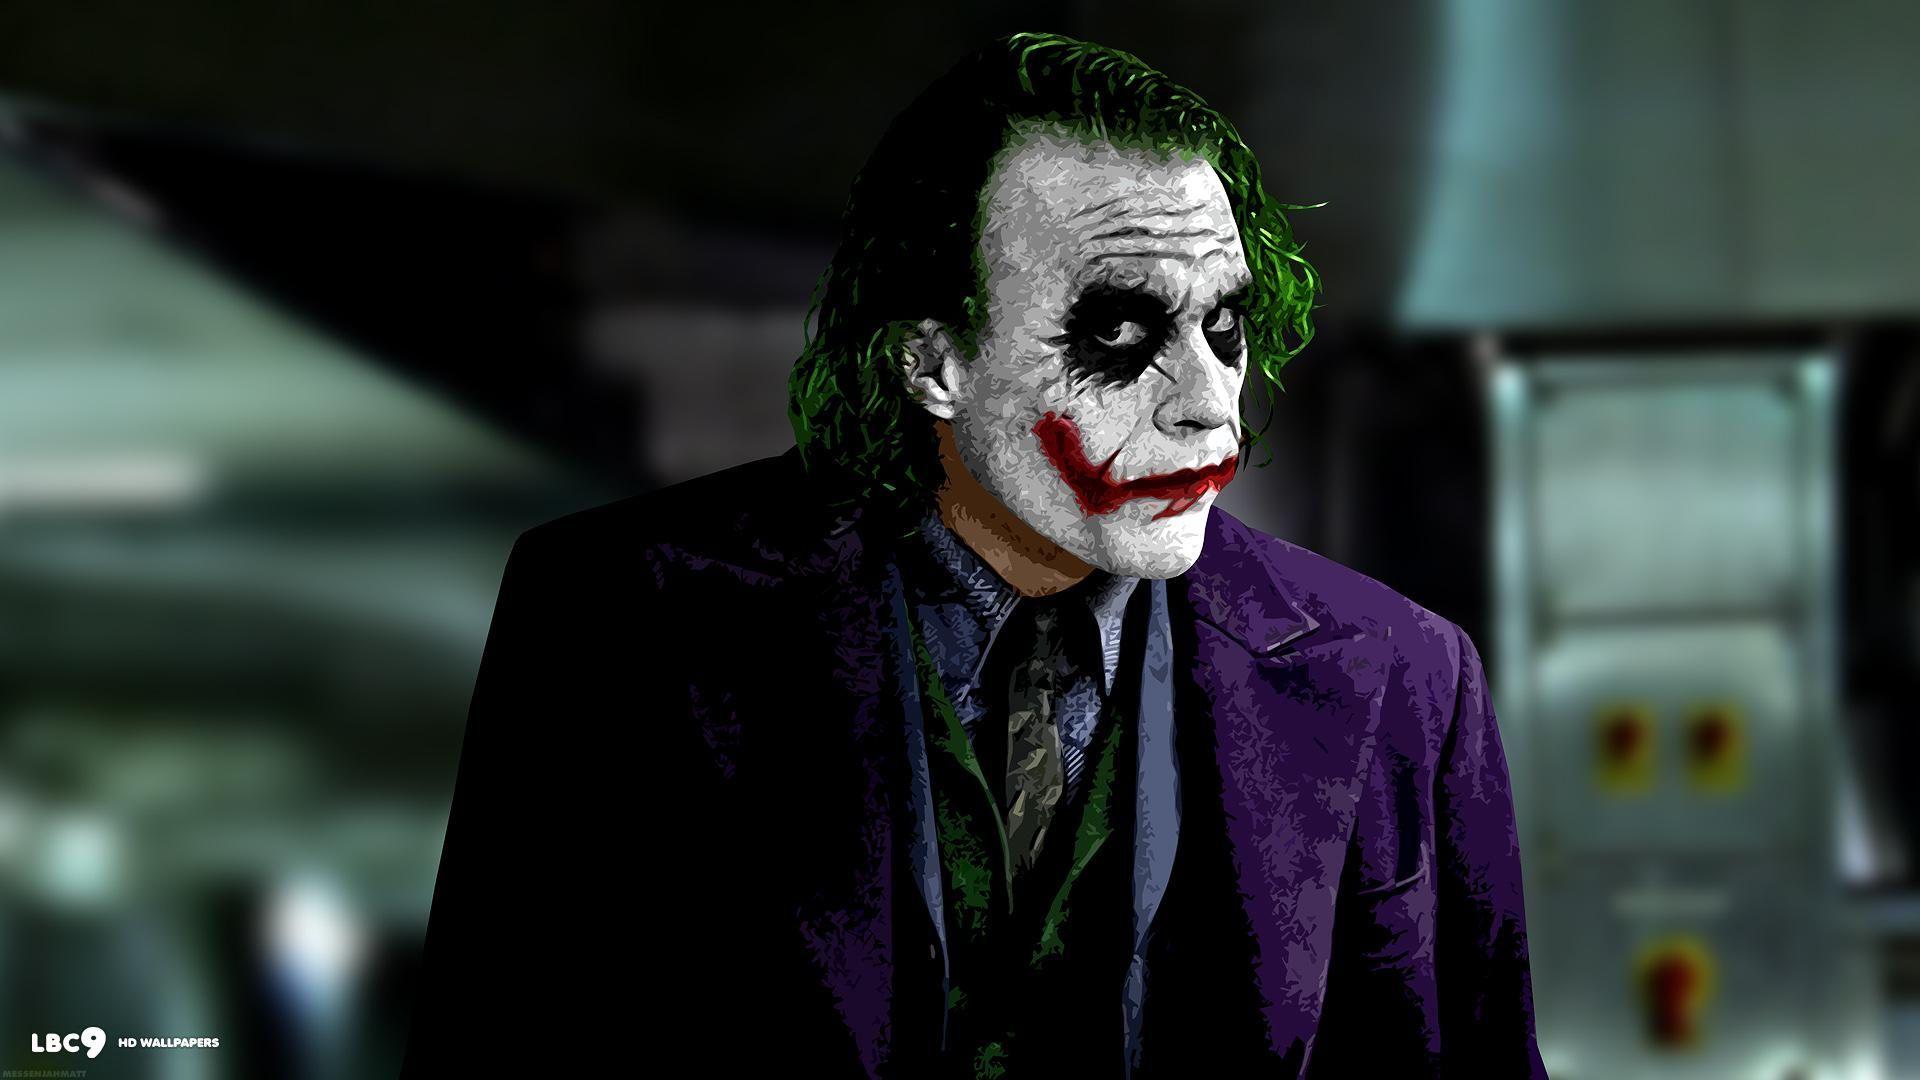 Joker Dark Knight Wallpapers HD Movies Wallpaper